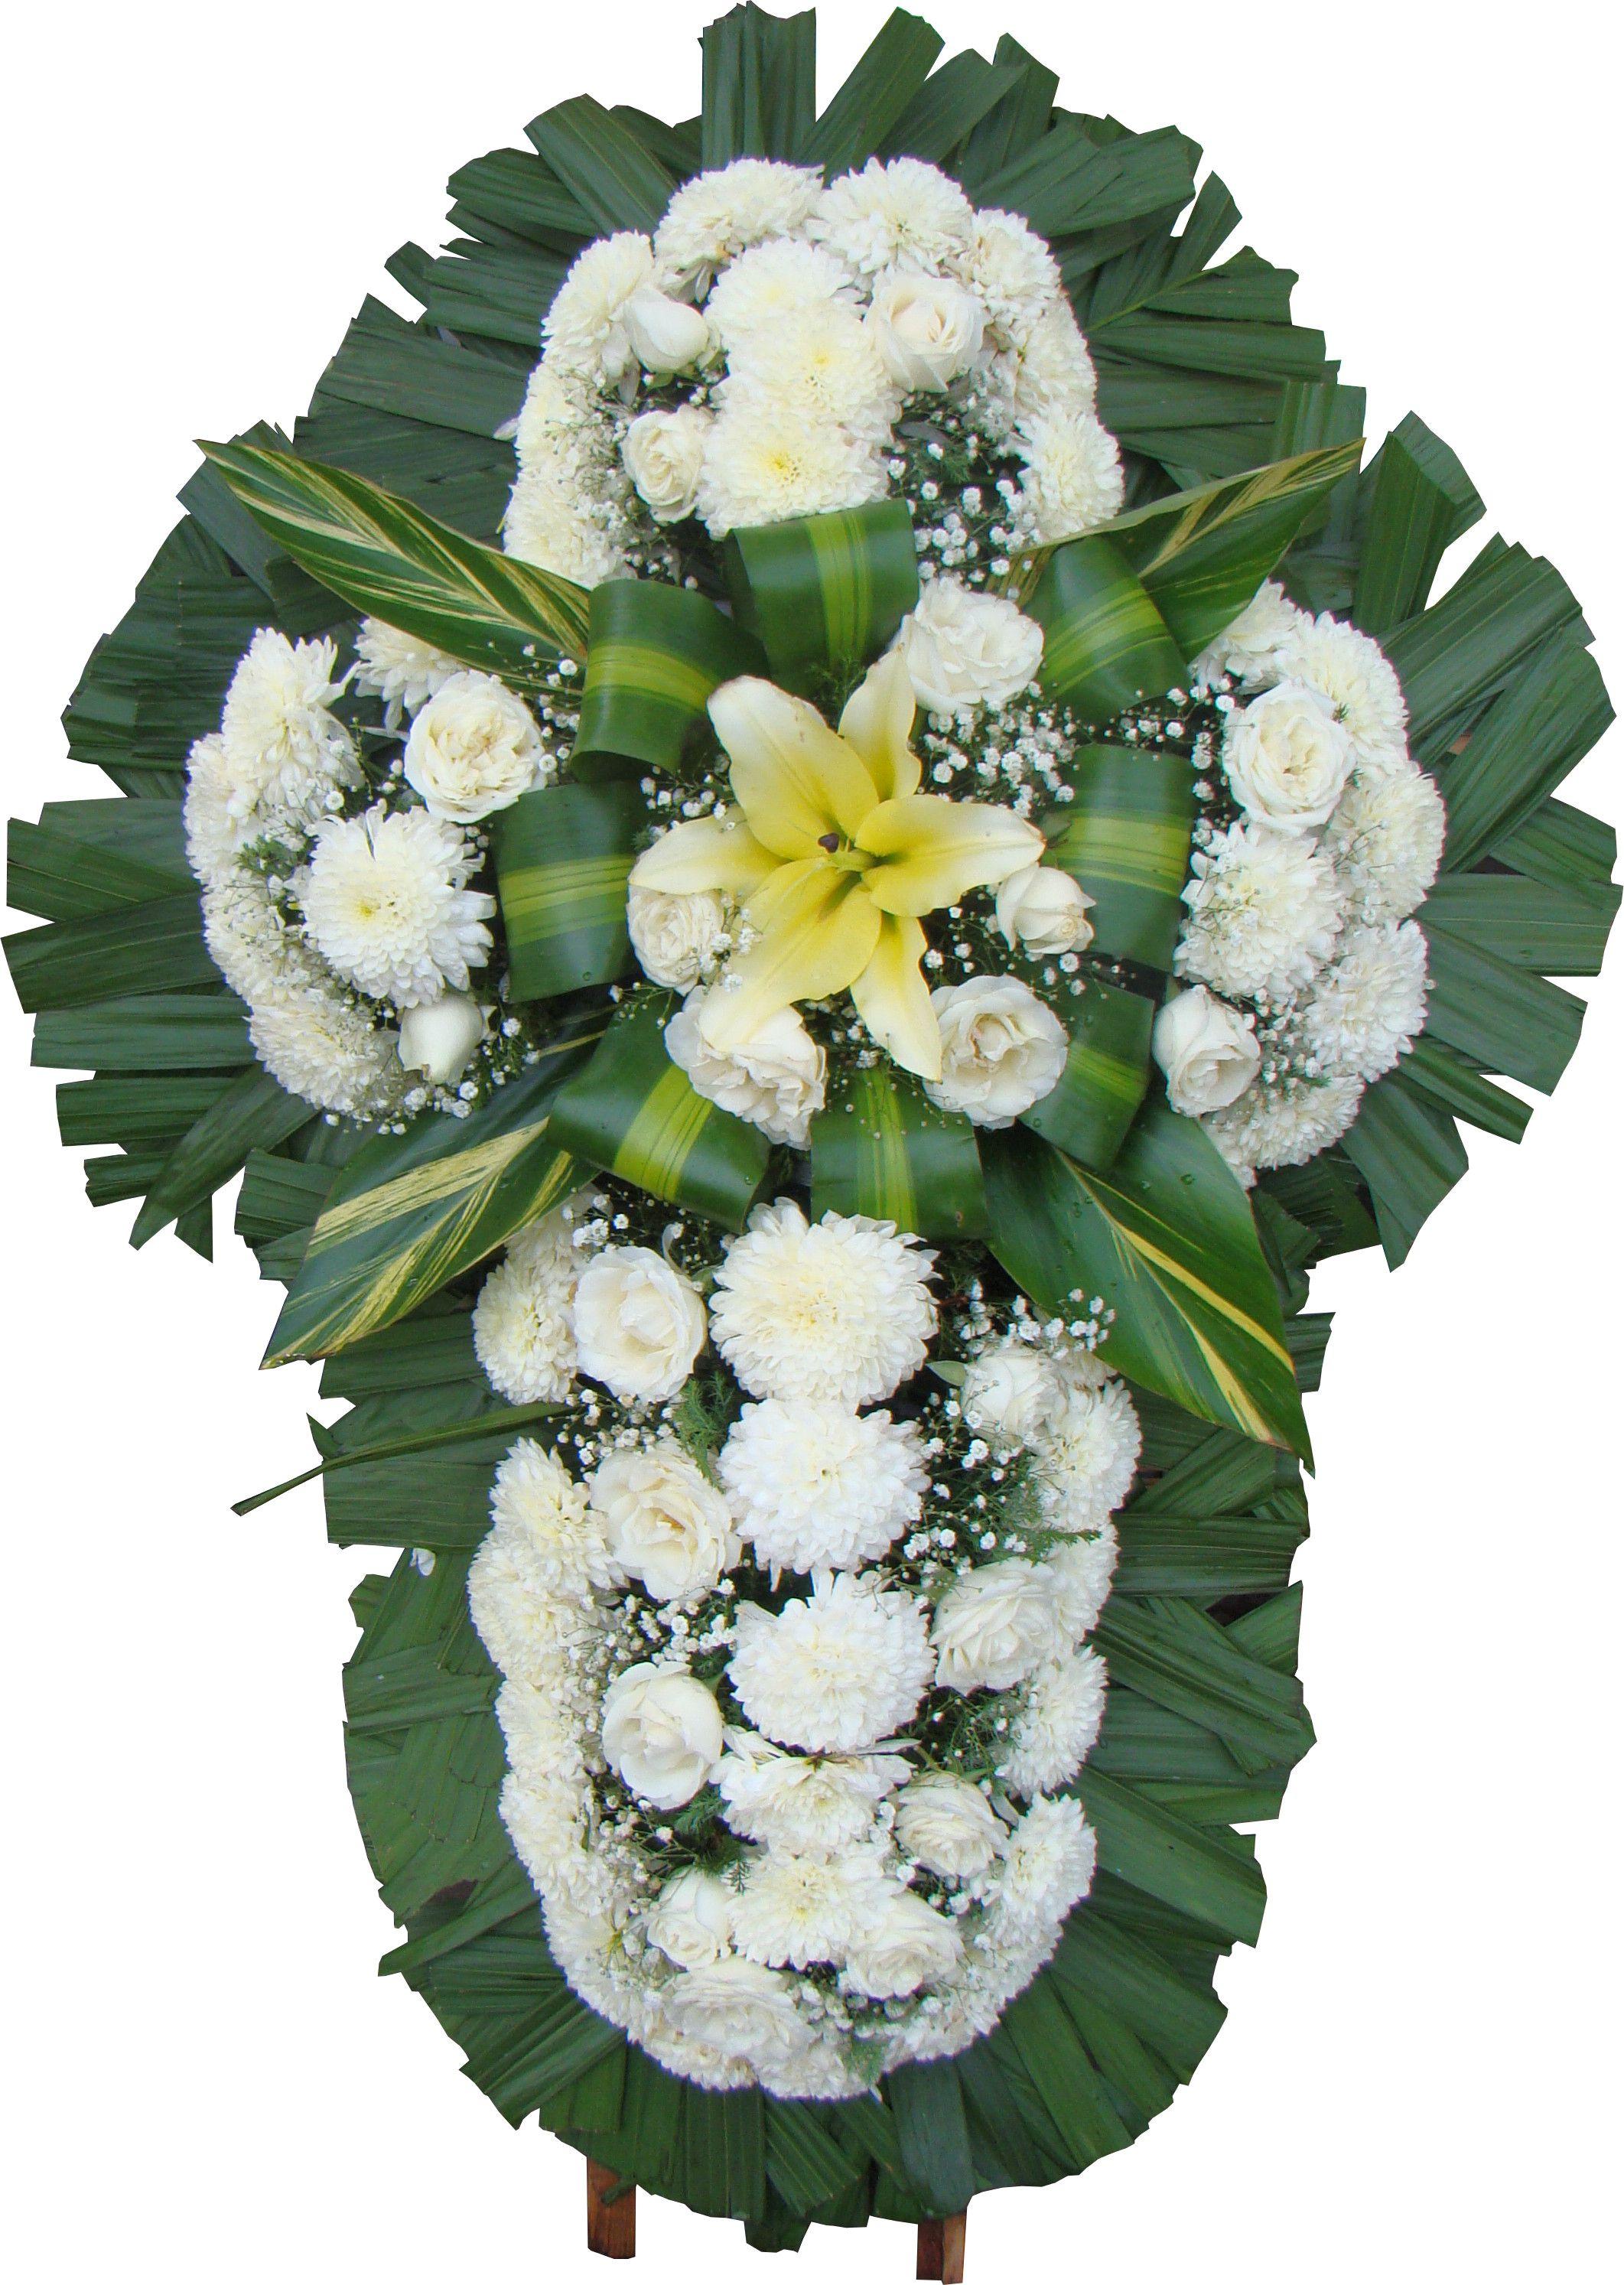 Corona de flores para funeral en forma de cruz de flores - Coronas de flore ...